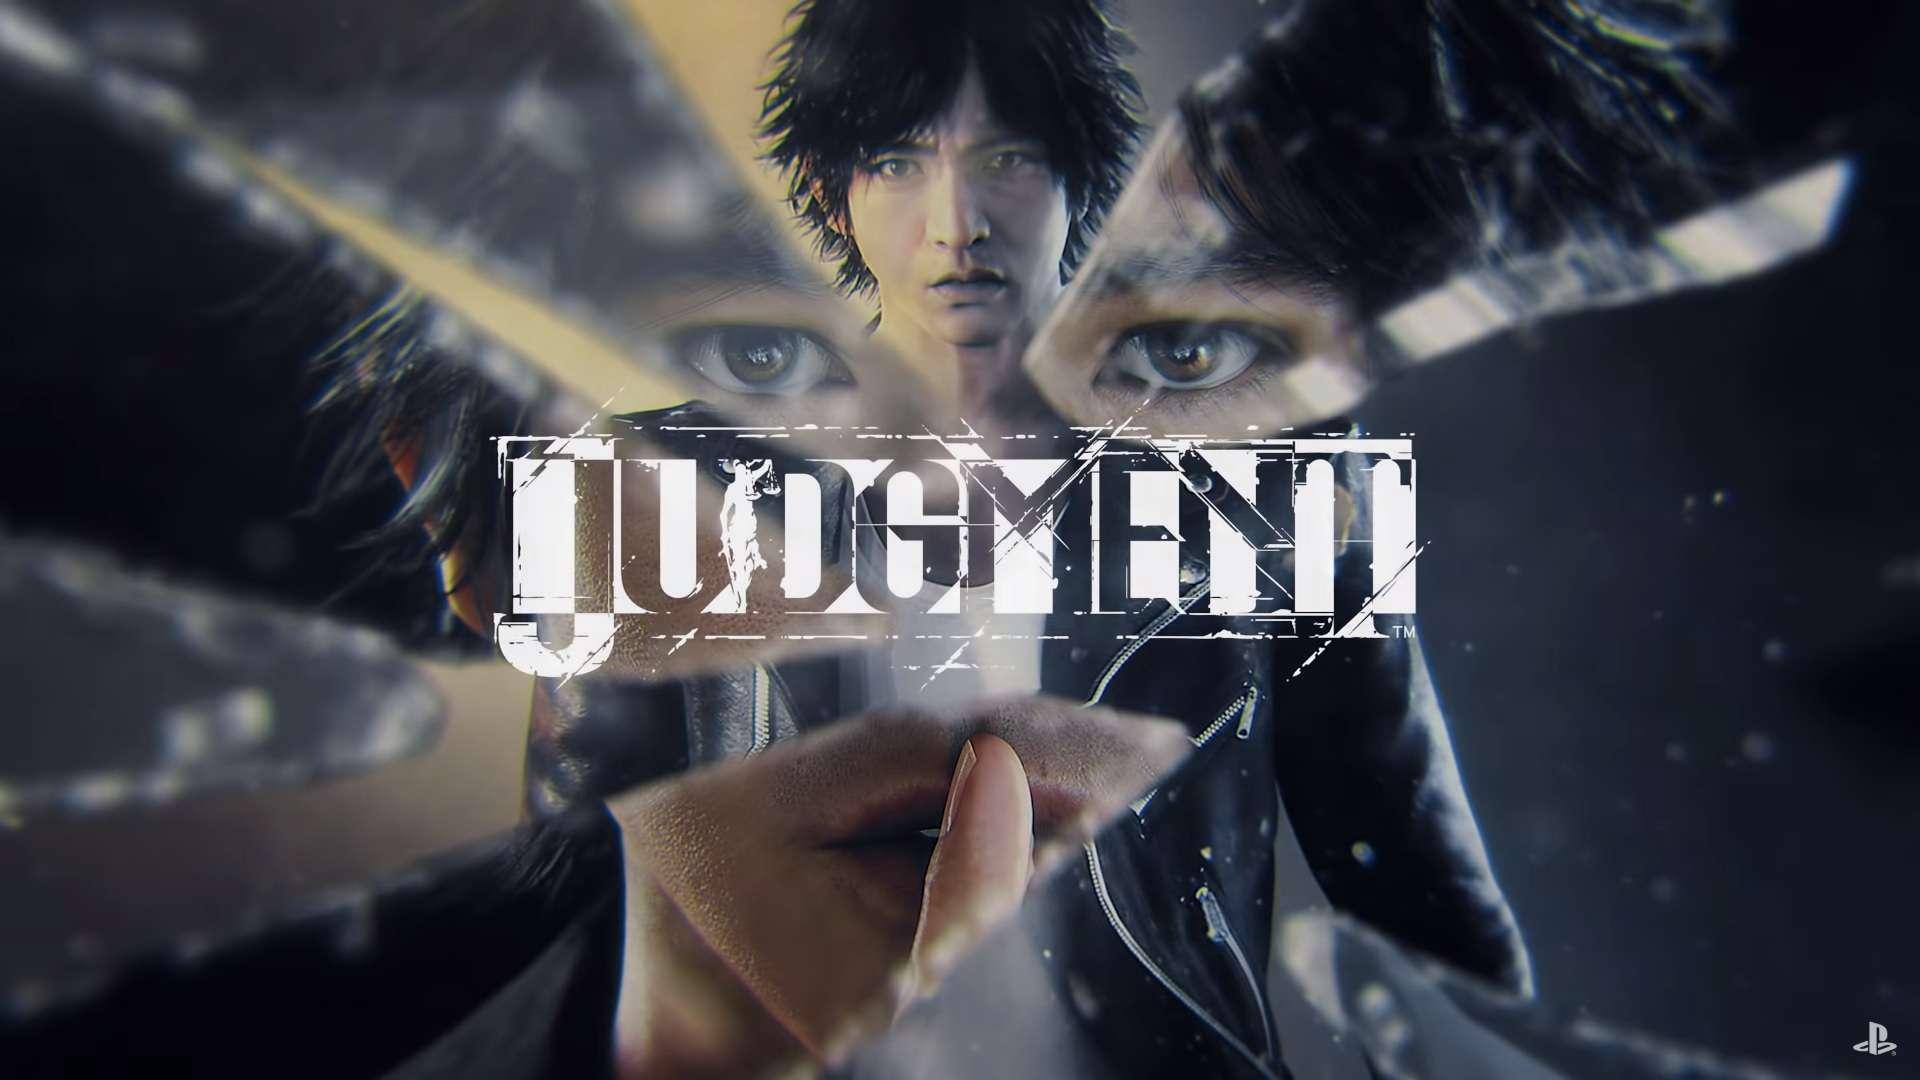 8151554c7257b706ba775383d208f4cc - بشكل رسمي لعبة Judgment ستصدر على منصات Xbox Series X|S و PlayStation 5 في 23 إبريل